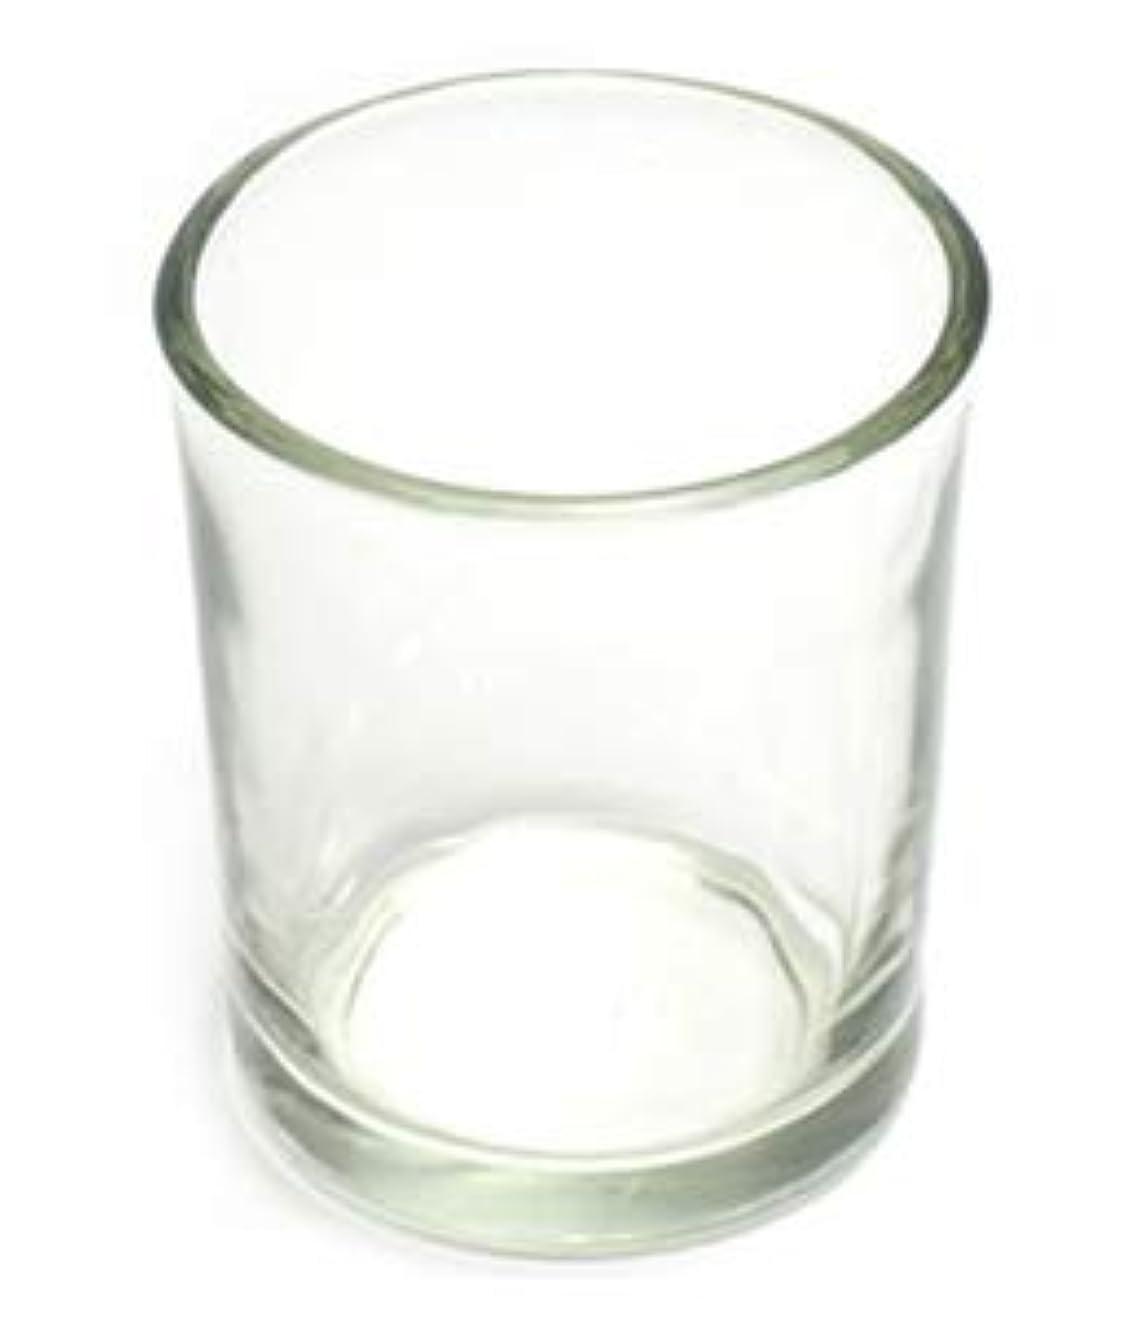 百万暴動わかるキャンドルホルダー ガラス シンプル[小] 192個【キャンドルスタンド 透明 クリア おしゃれ ろうそく立て】